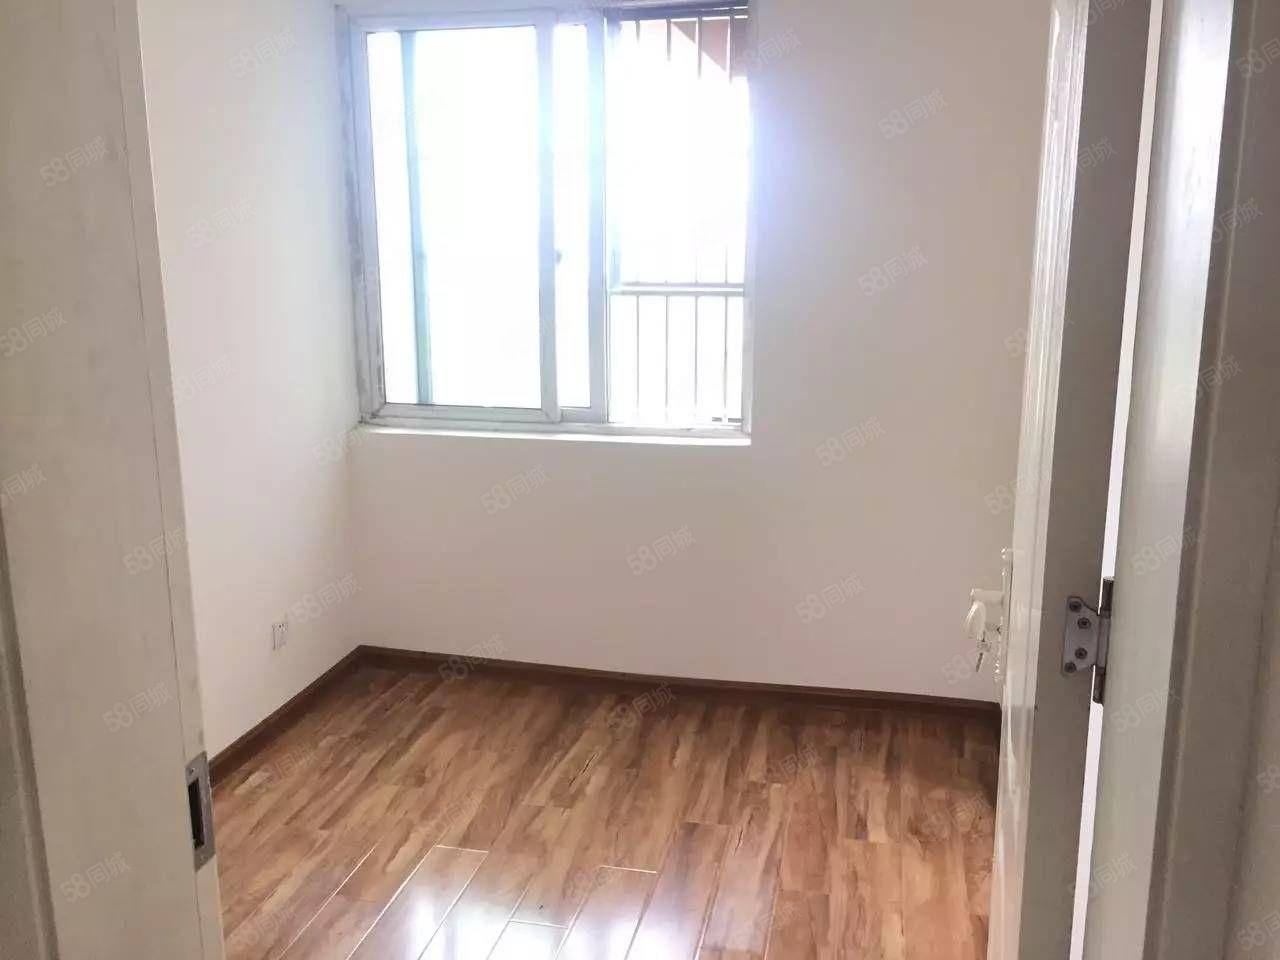 翡翠湾拎包入住简单装修3室一厅一厨一卫